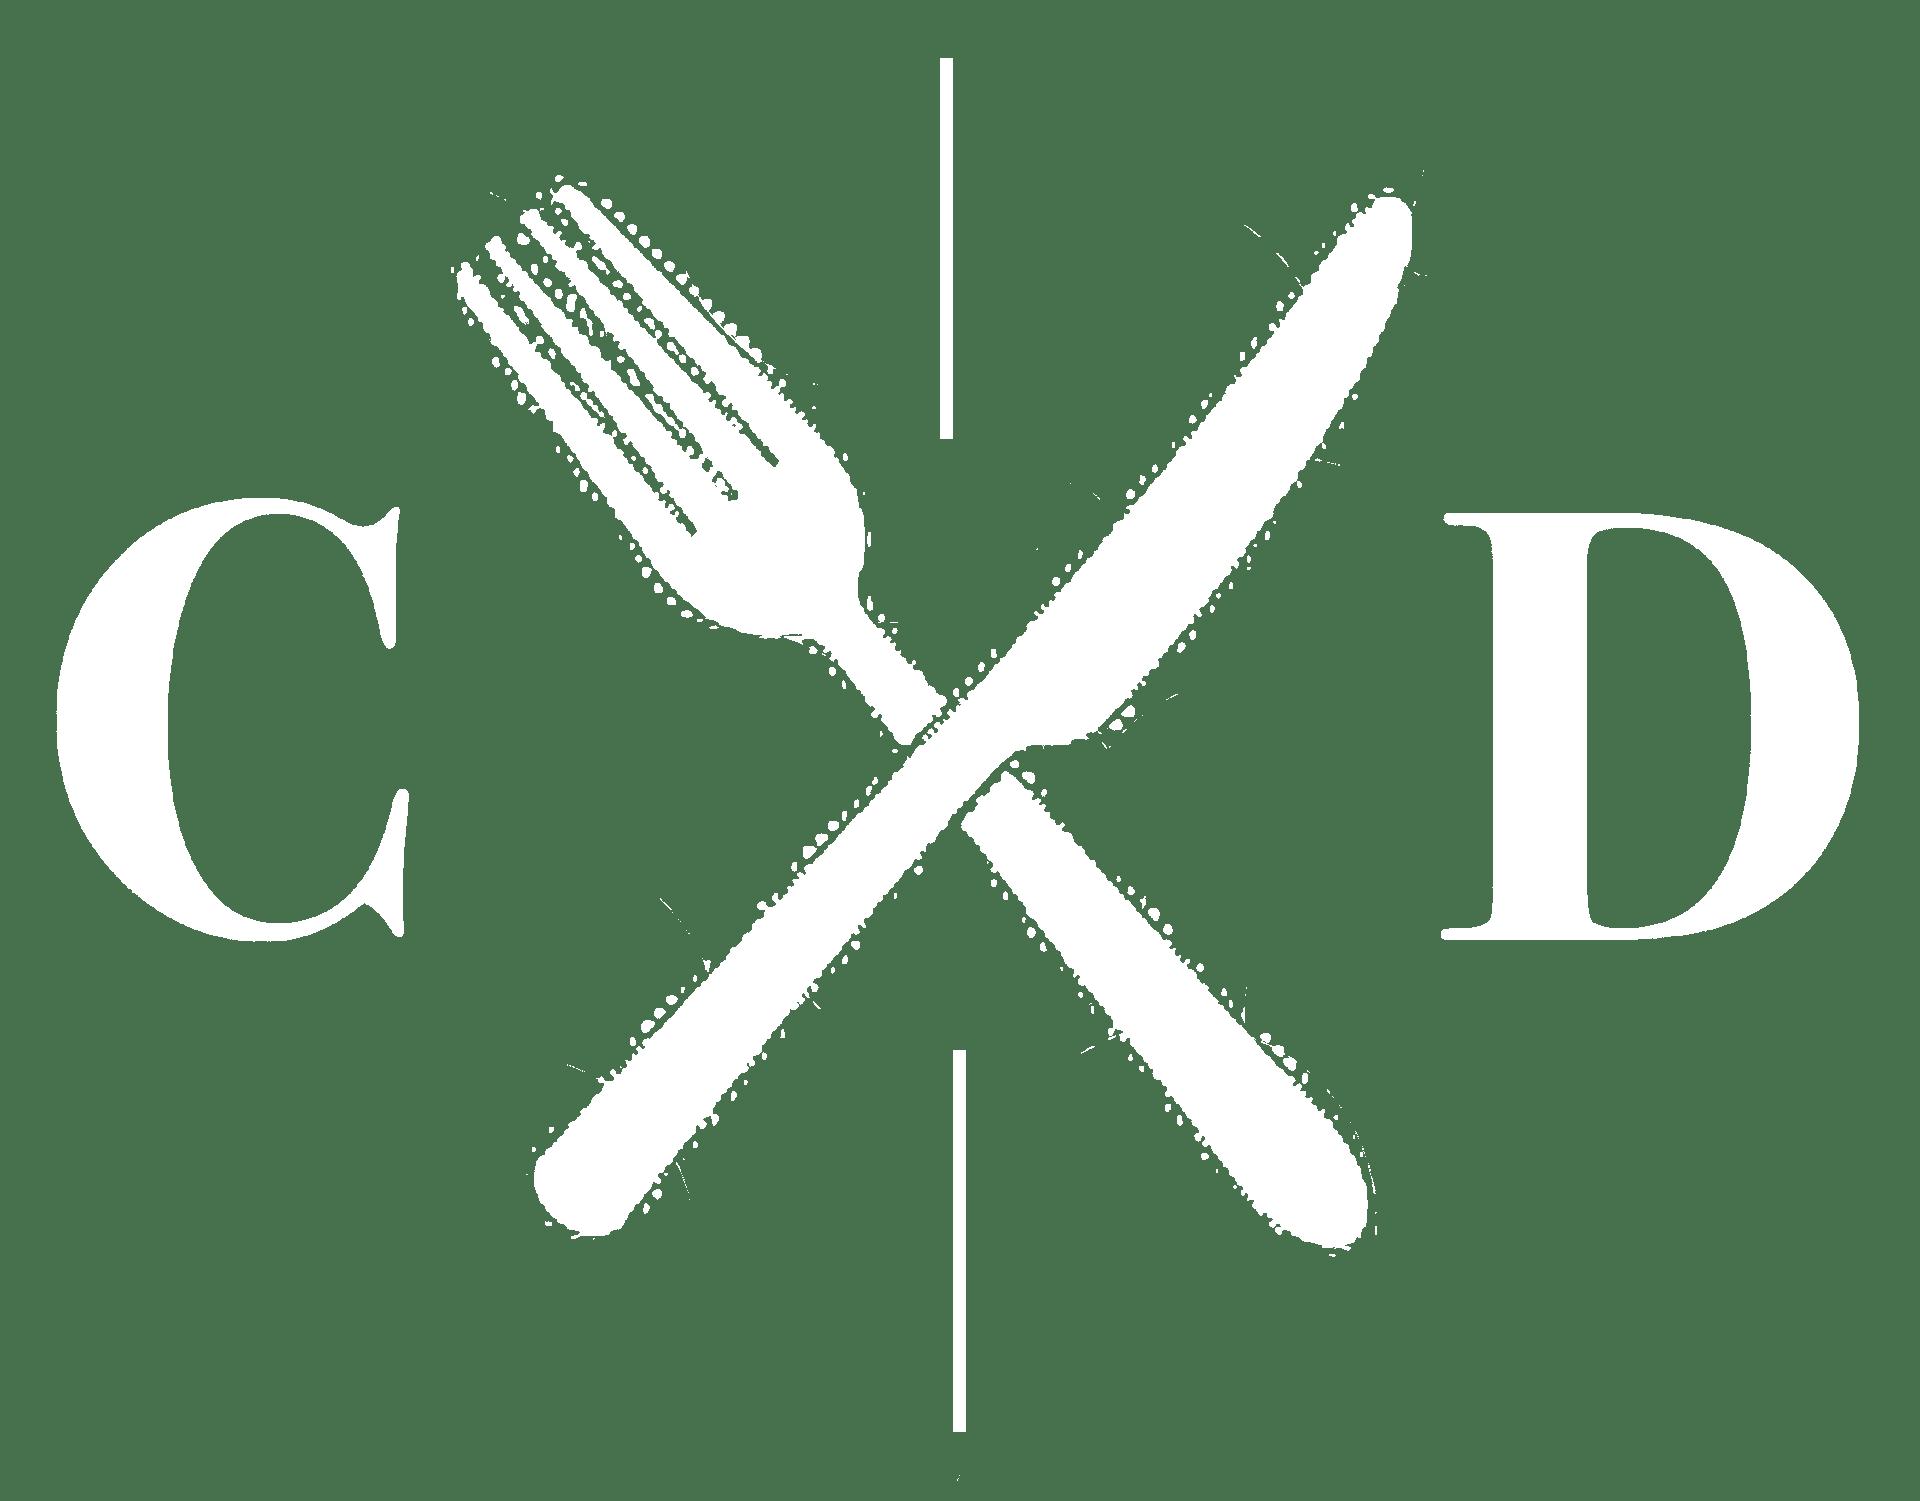 c d logo